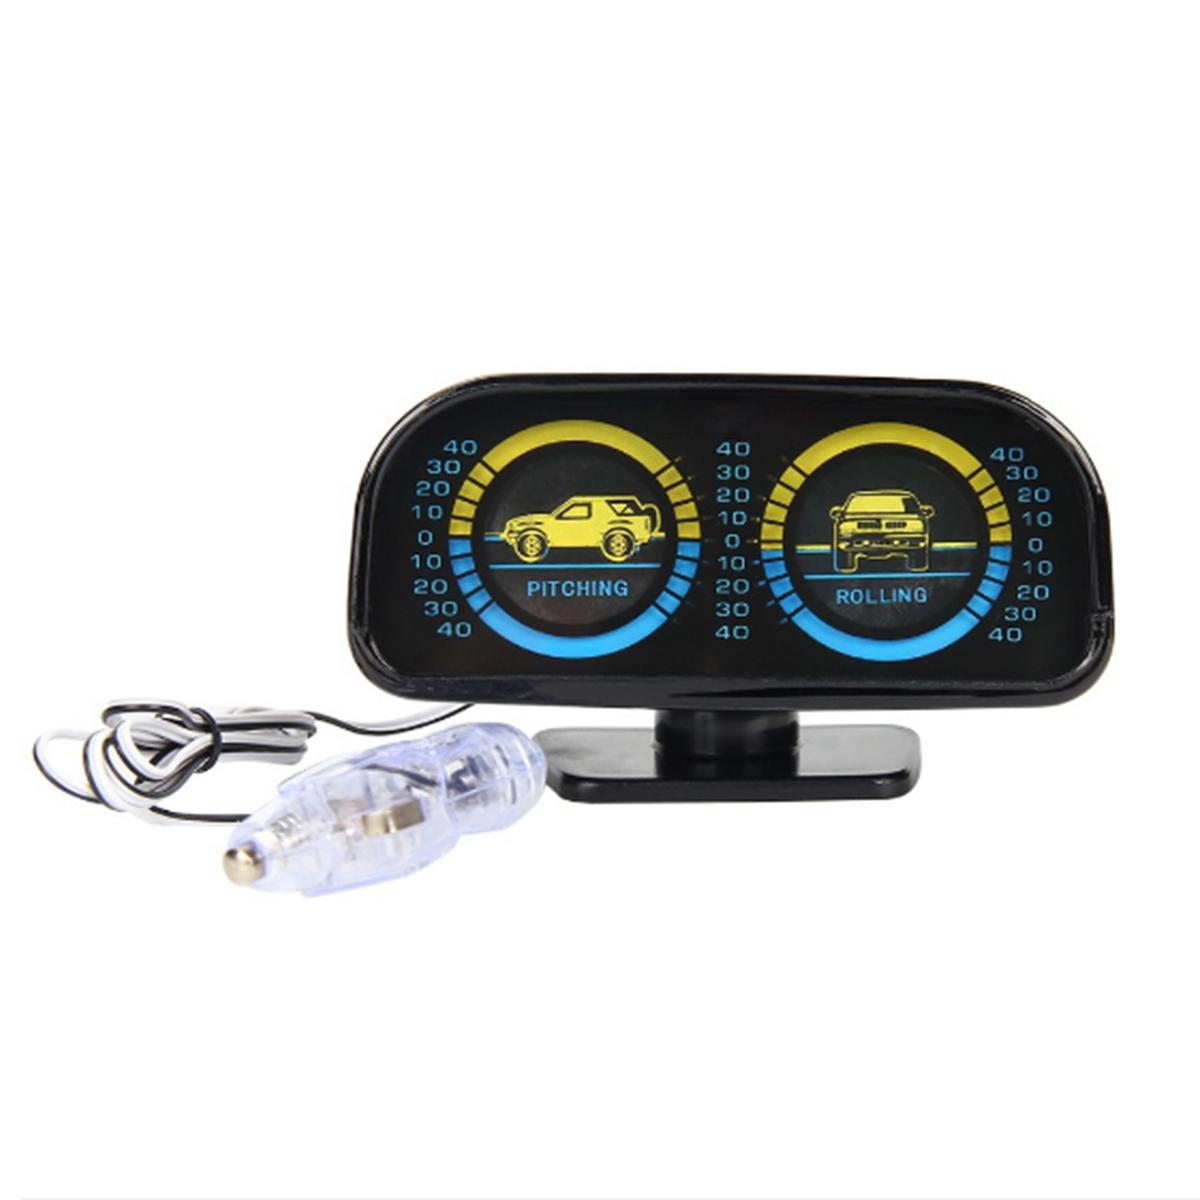 12V Two-barreled Backlight Slope Meter Inclinometer Compass Balance Level Balancer for Car Off-road